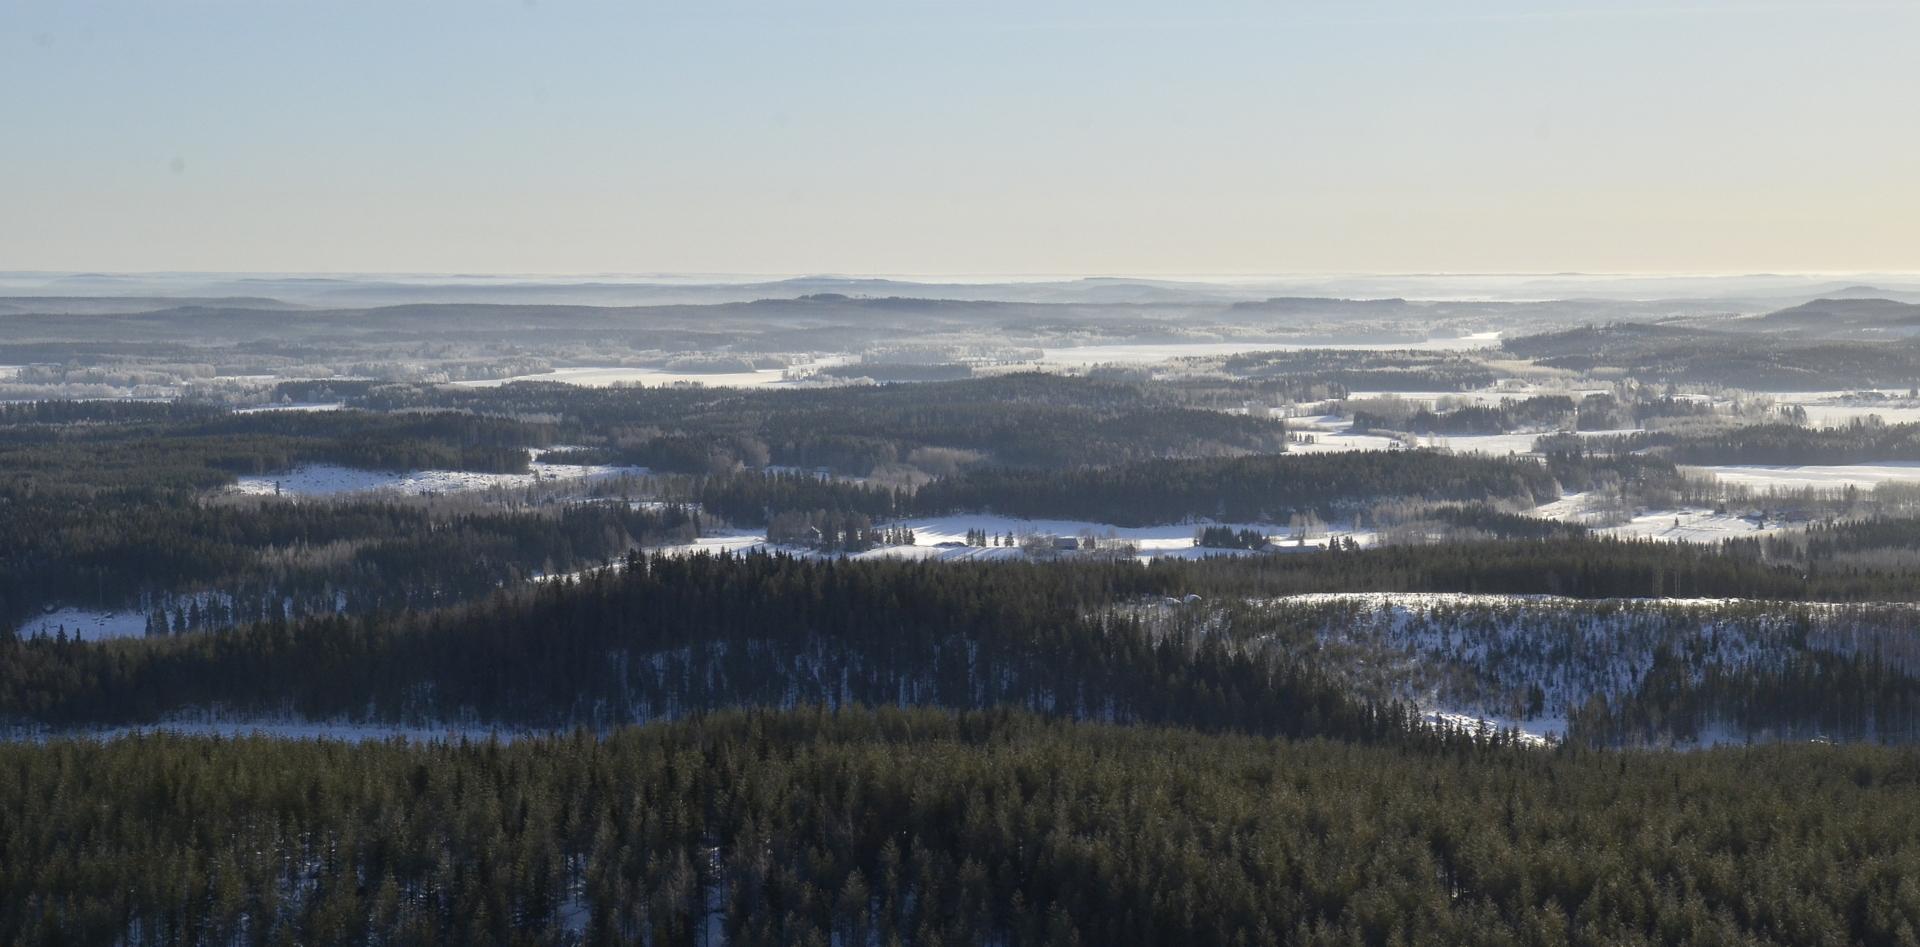 Äänekosken Koiviston lennolla Telkkämäen yli näkyy Valkolankylä ja hieman taaempana oikealla Kuusaa.